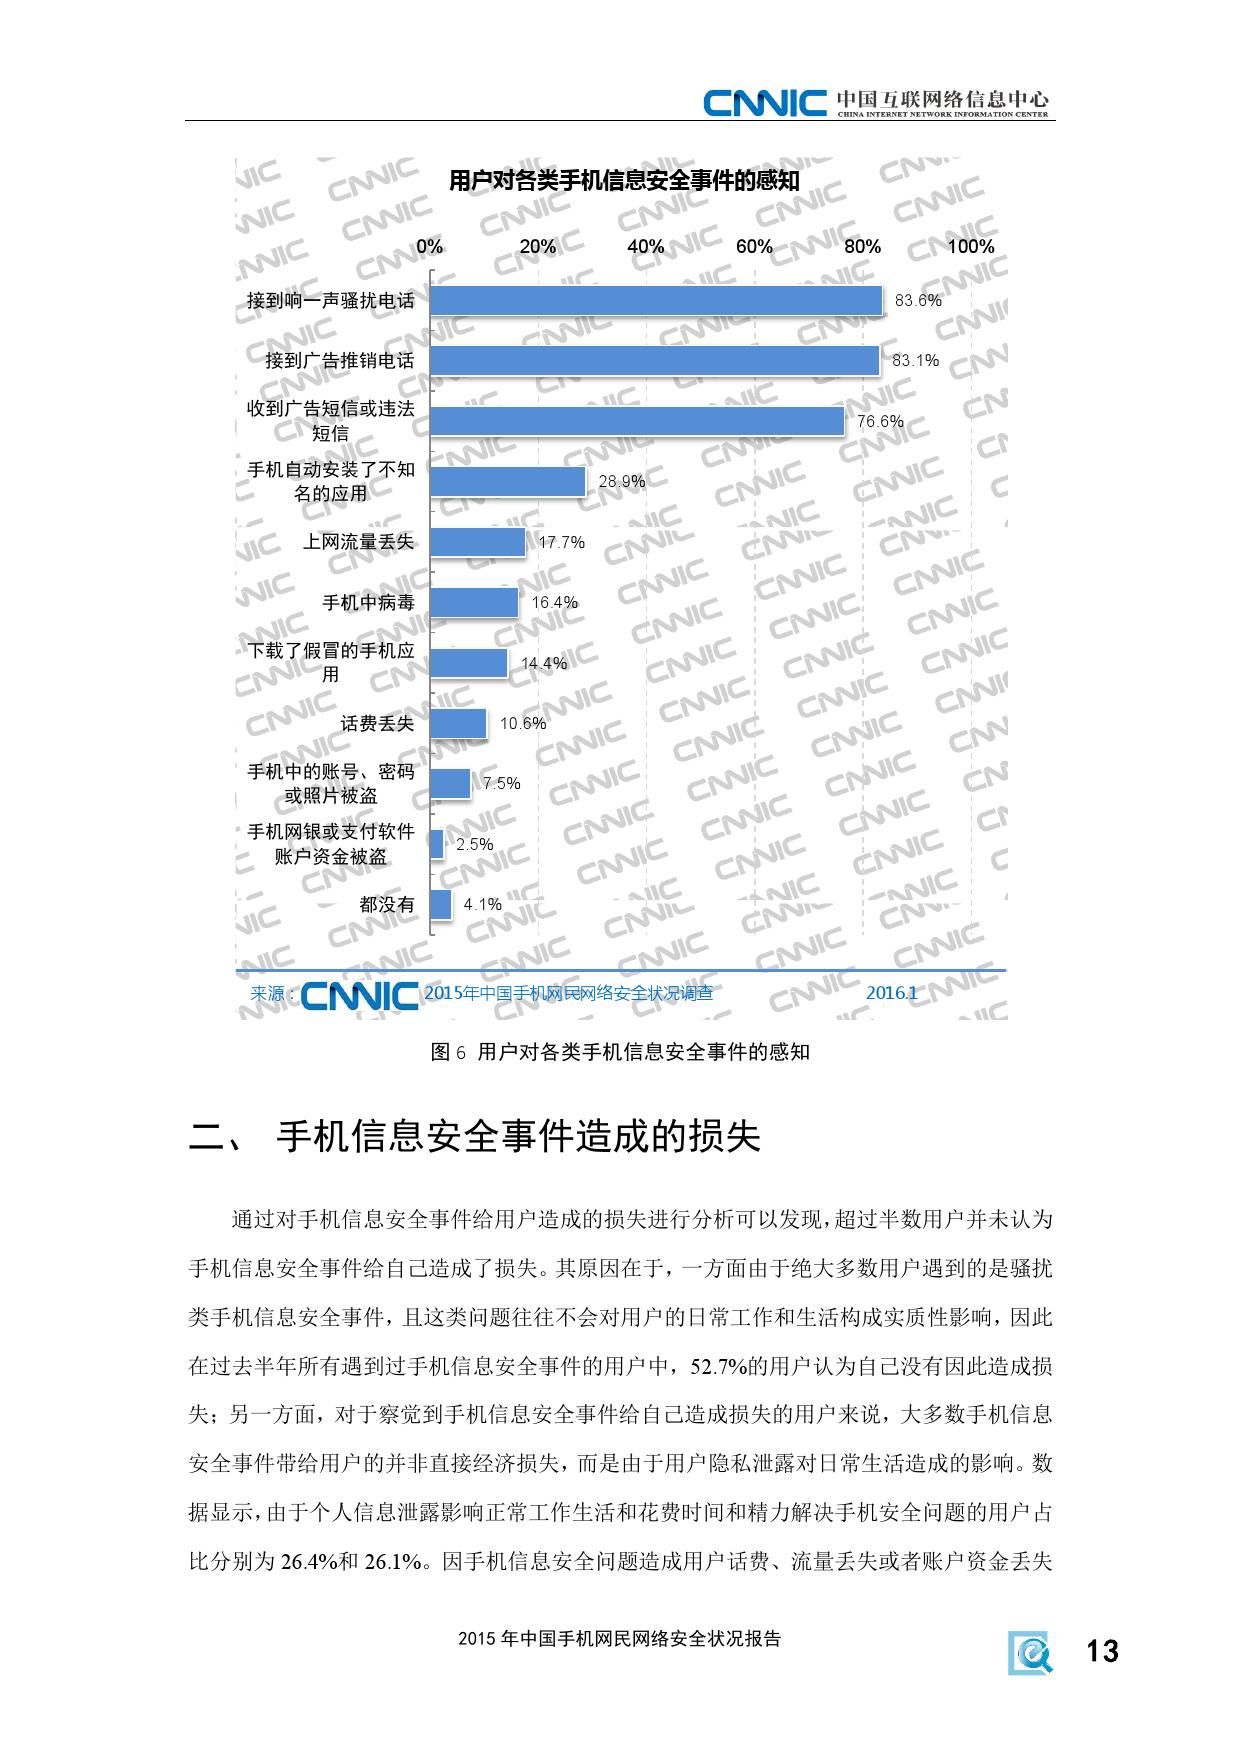 2015年中国手机网民网络安全状况报告_000019